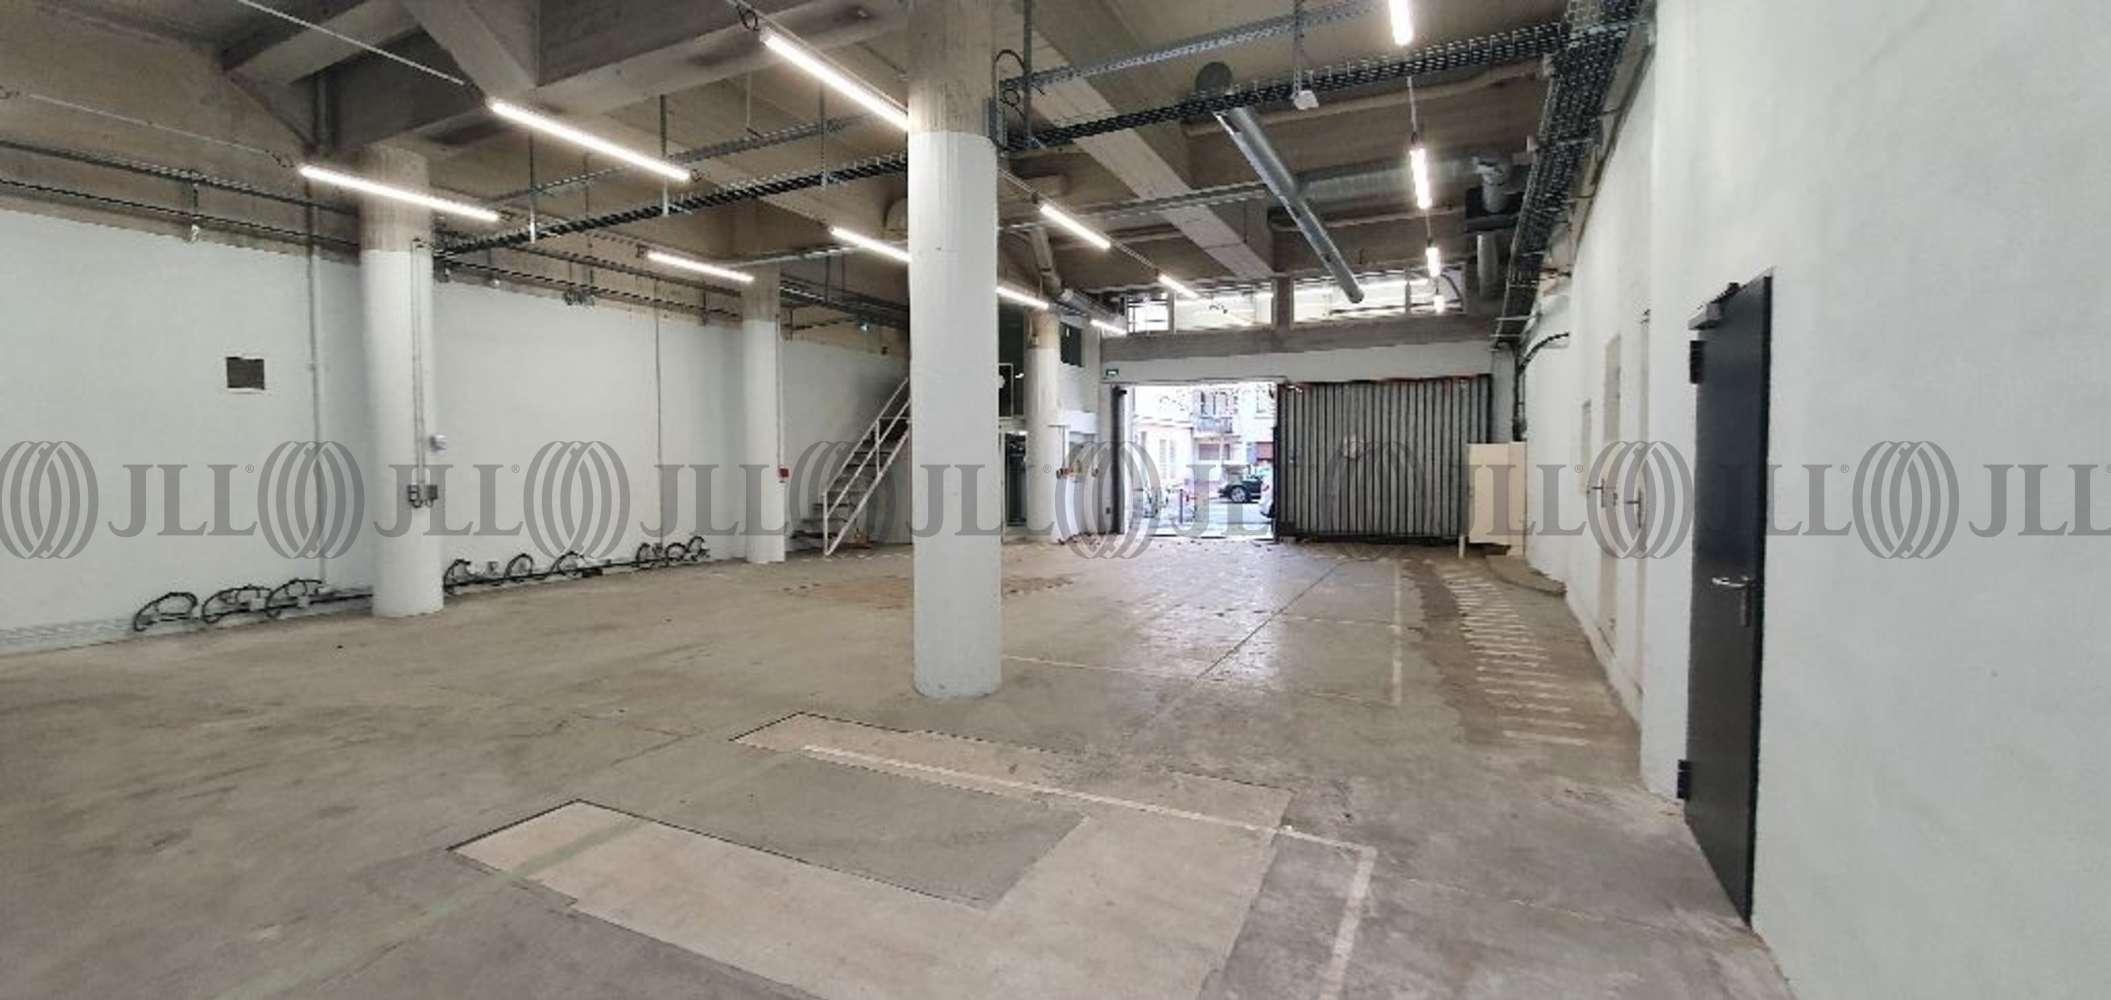 Activités/entrepôt Issy les moulineaux, 92130 - 97 AVENUE DE VERDUN